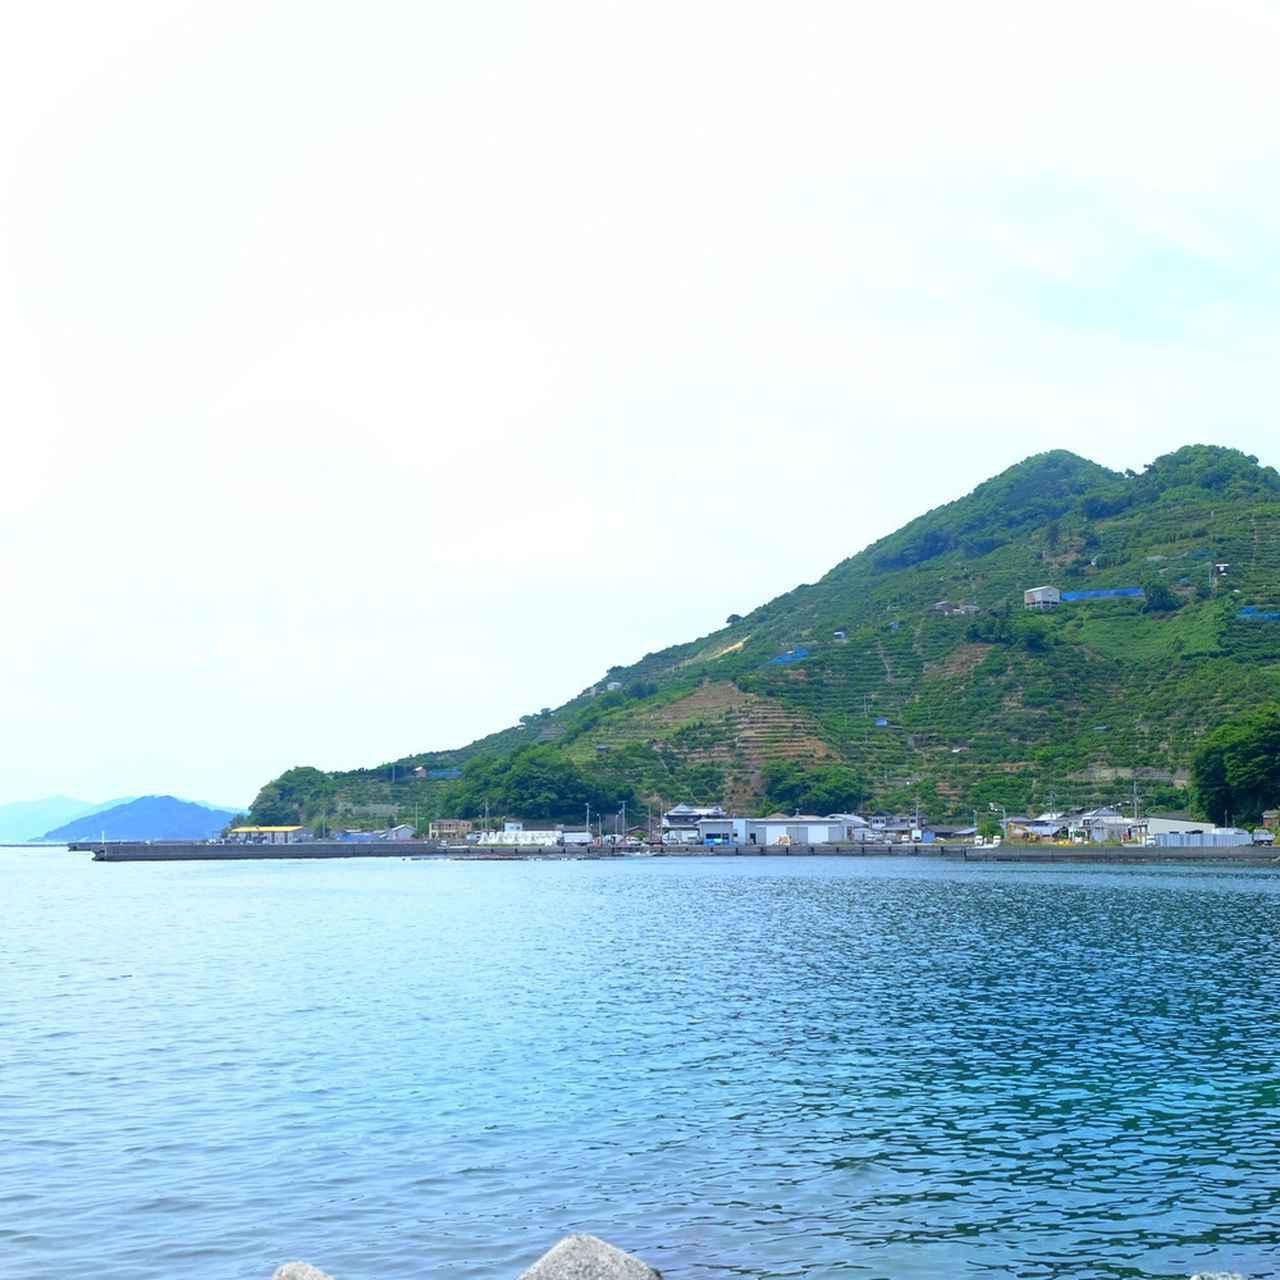 画像: 遠目に見るとこんな感じです。海はきれいだし緑は濃くて癒される景色でした。